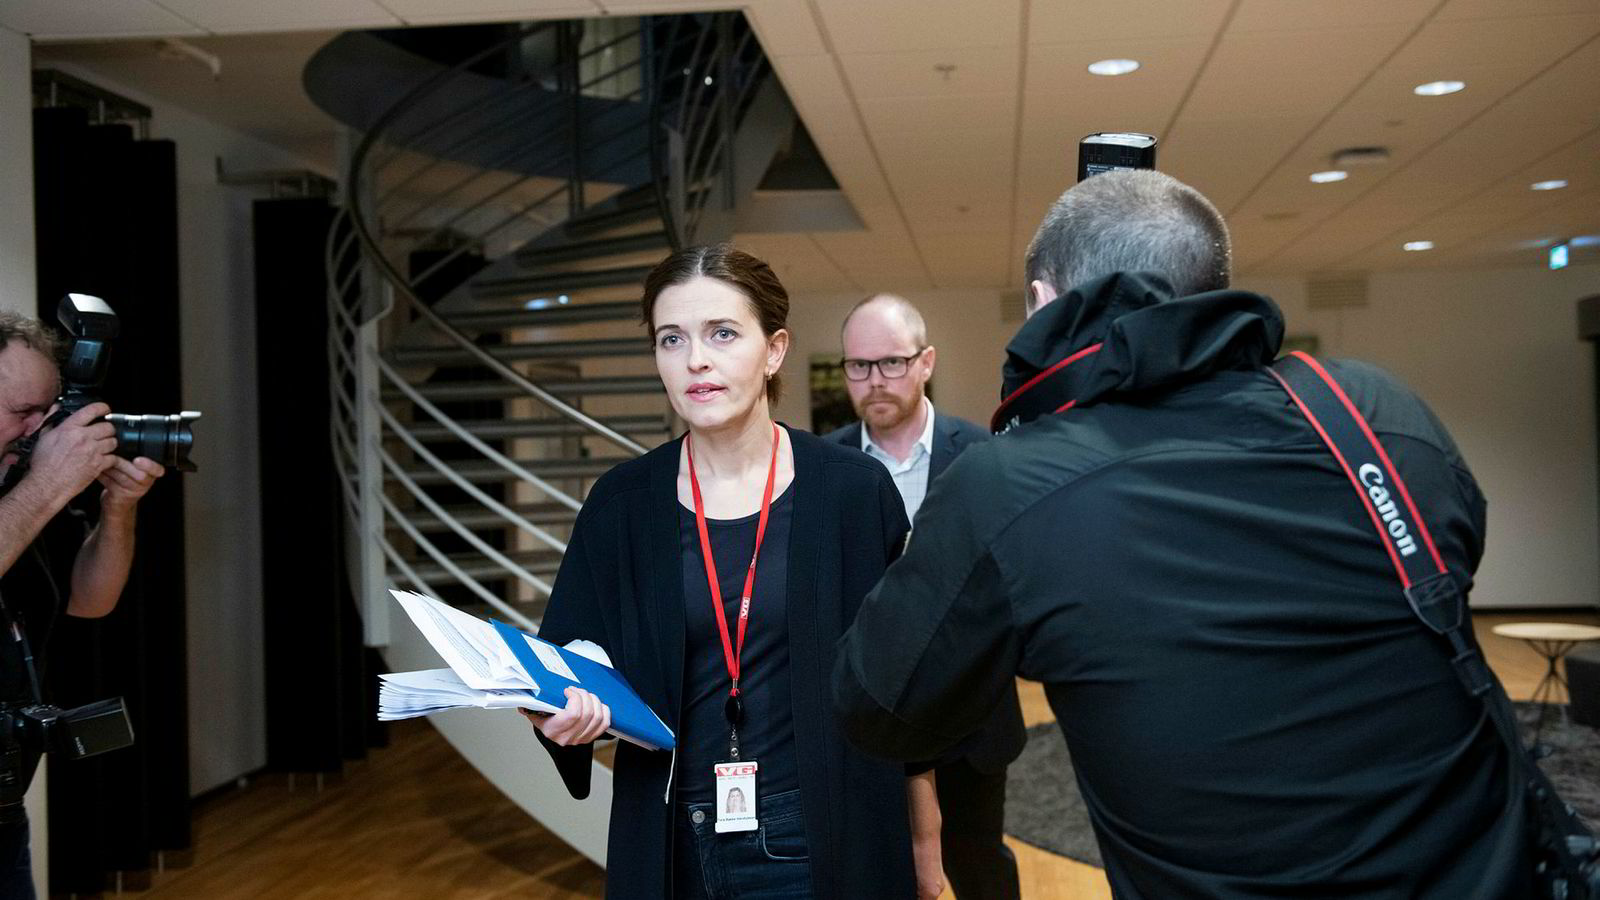 VGs nyhetsredaktør, Tora Bakke Håndlykken, ledet arbeidet med den interne granskningen om Sofie-saken. VGs sjefredaktør Gard Steiro (i bakgrunnen) ble sittende – til tross for sterk kritikk i rapporten.